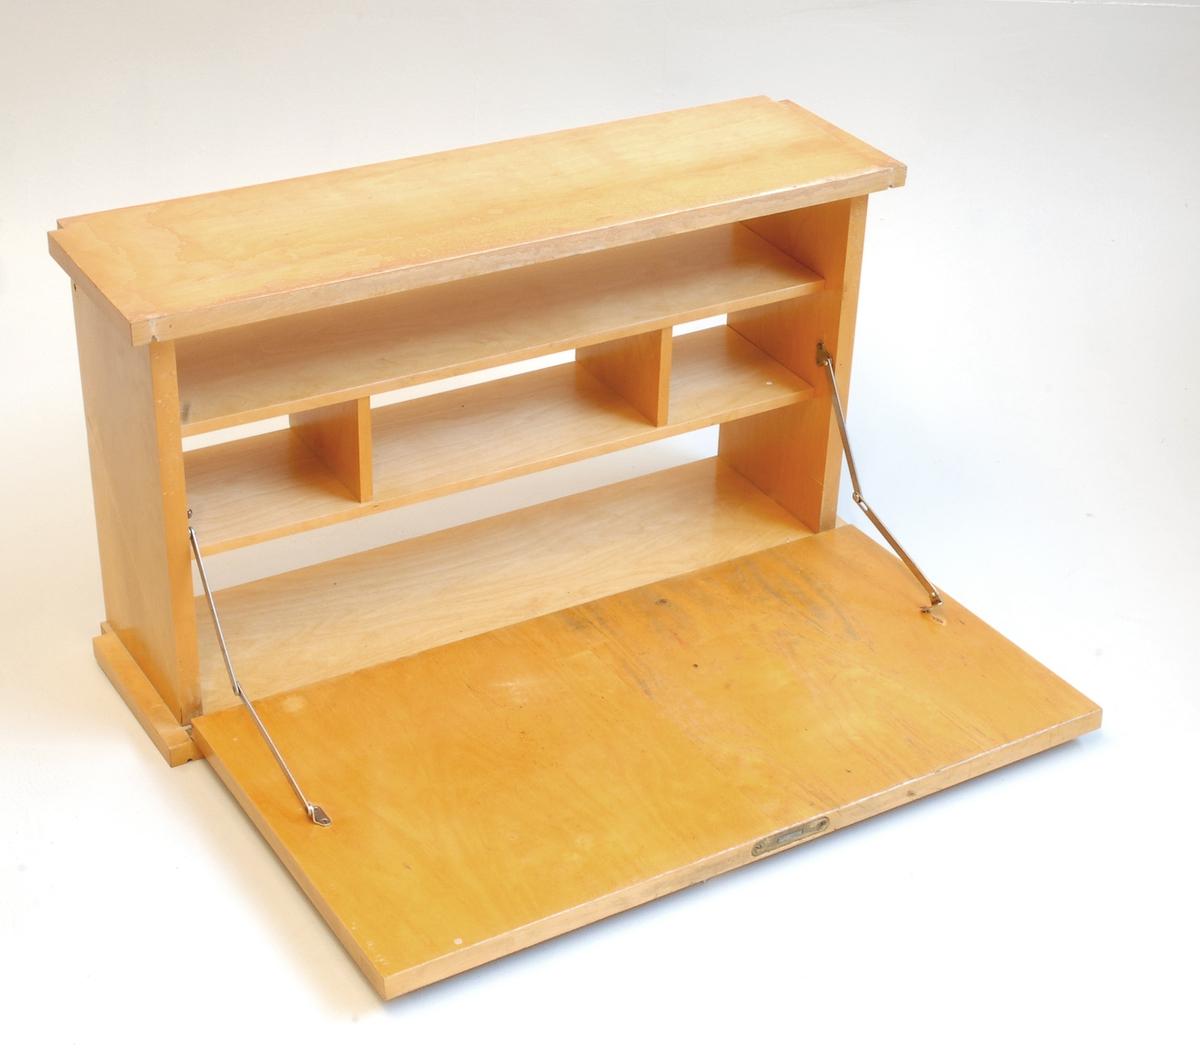 Bokhylle/2 hyller og skrivepult/skatoll for veggmontering. Skriveseksjonen har skriveplate til å felle ned/opp.